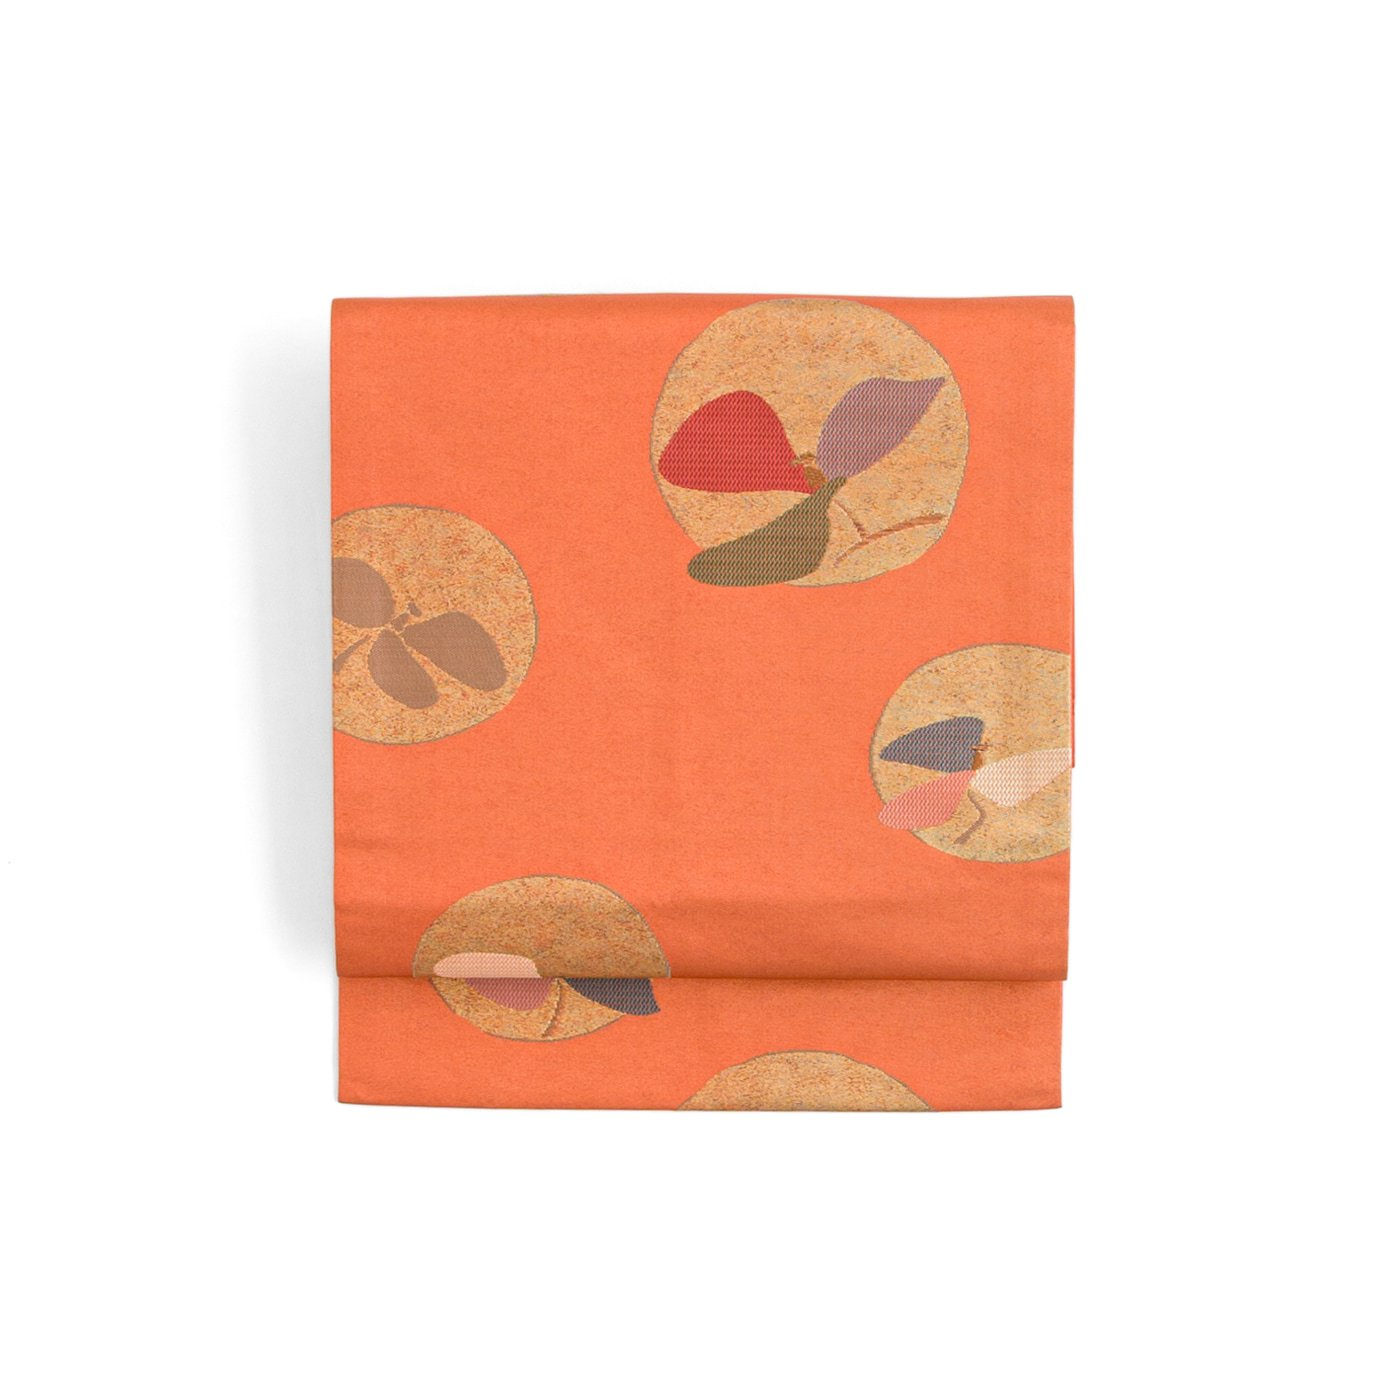 「金の丸に椿」の商品画像